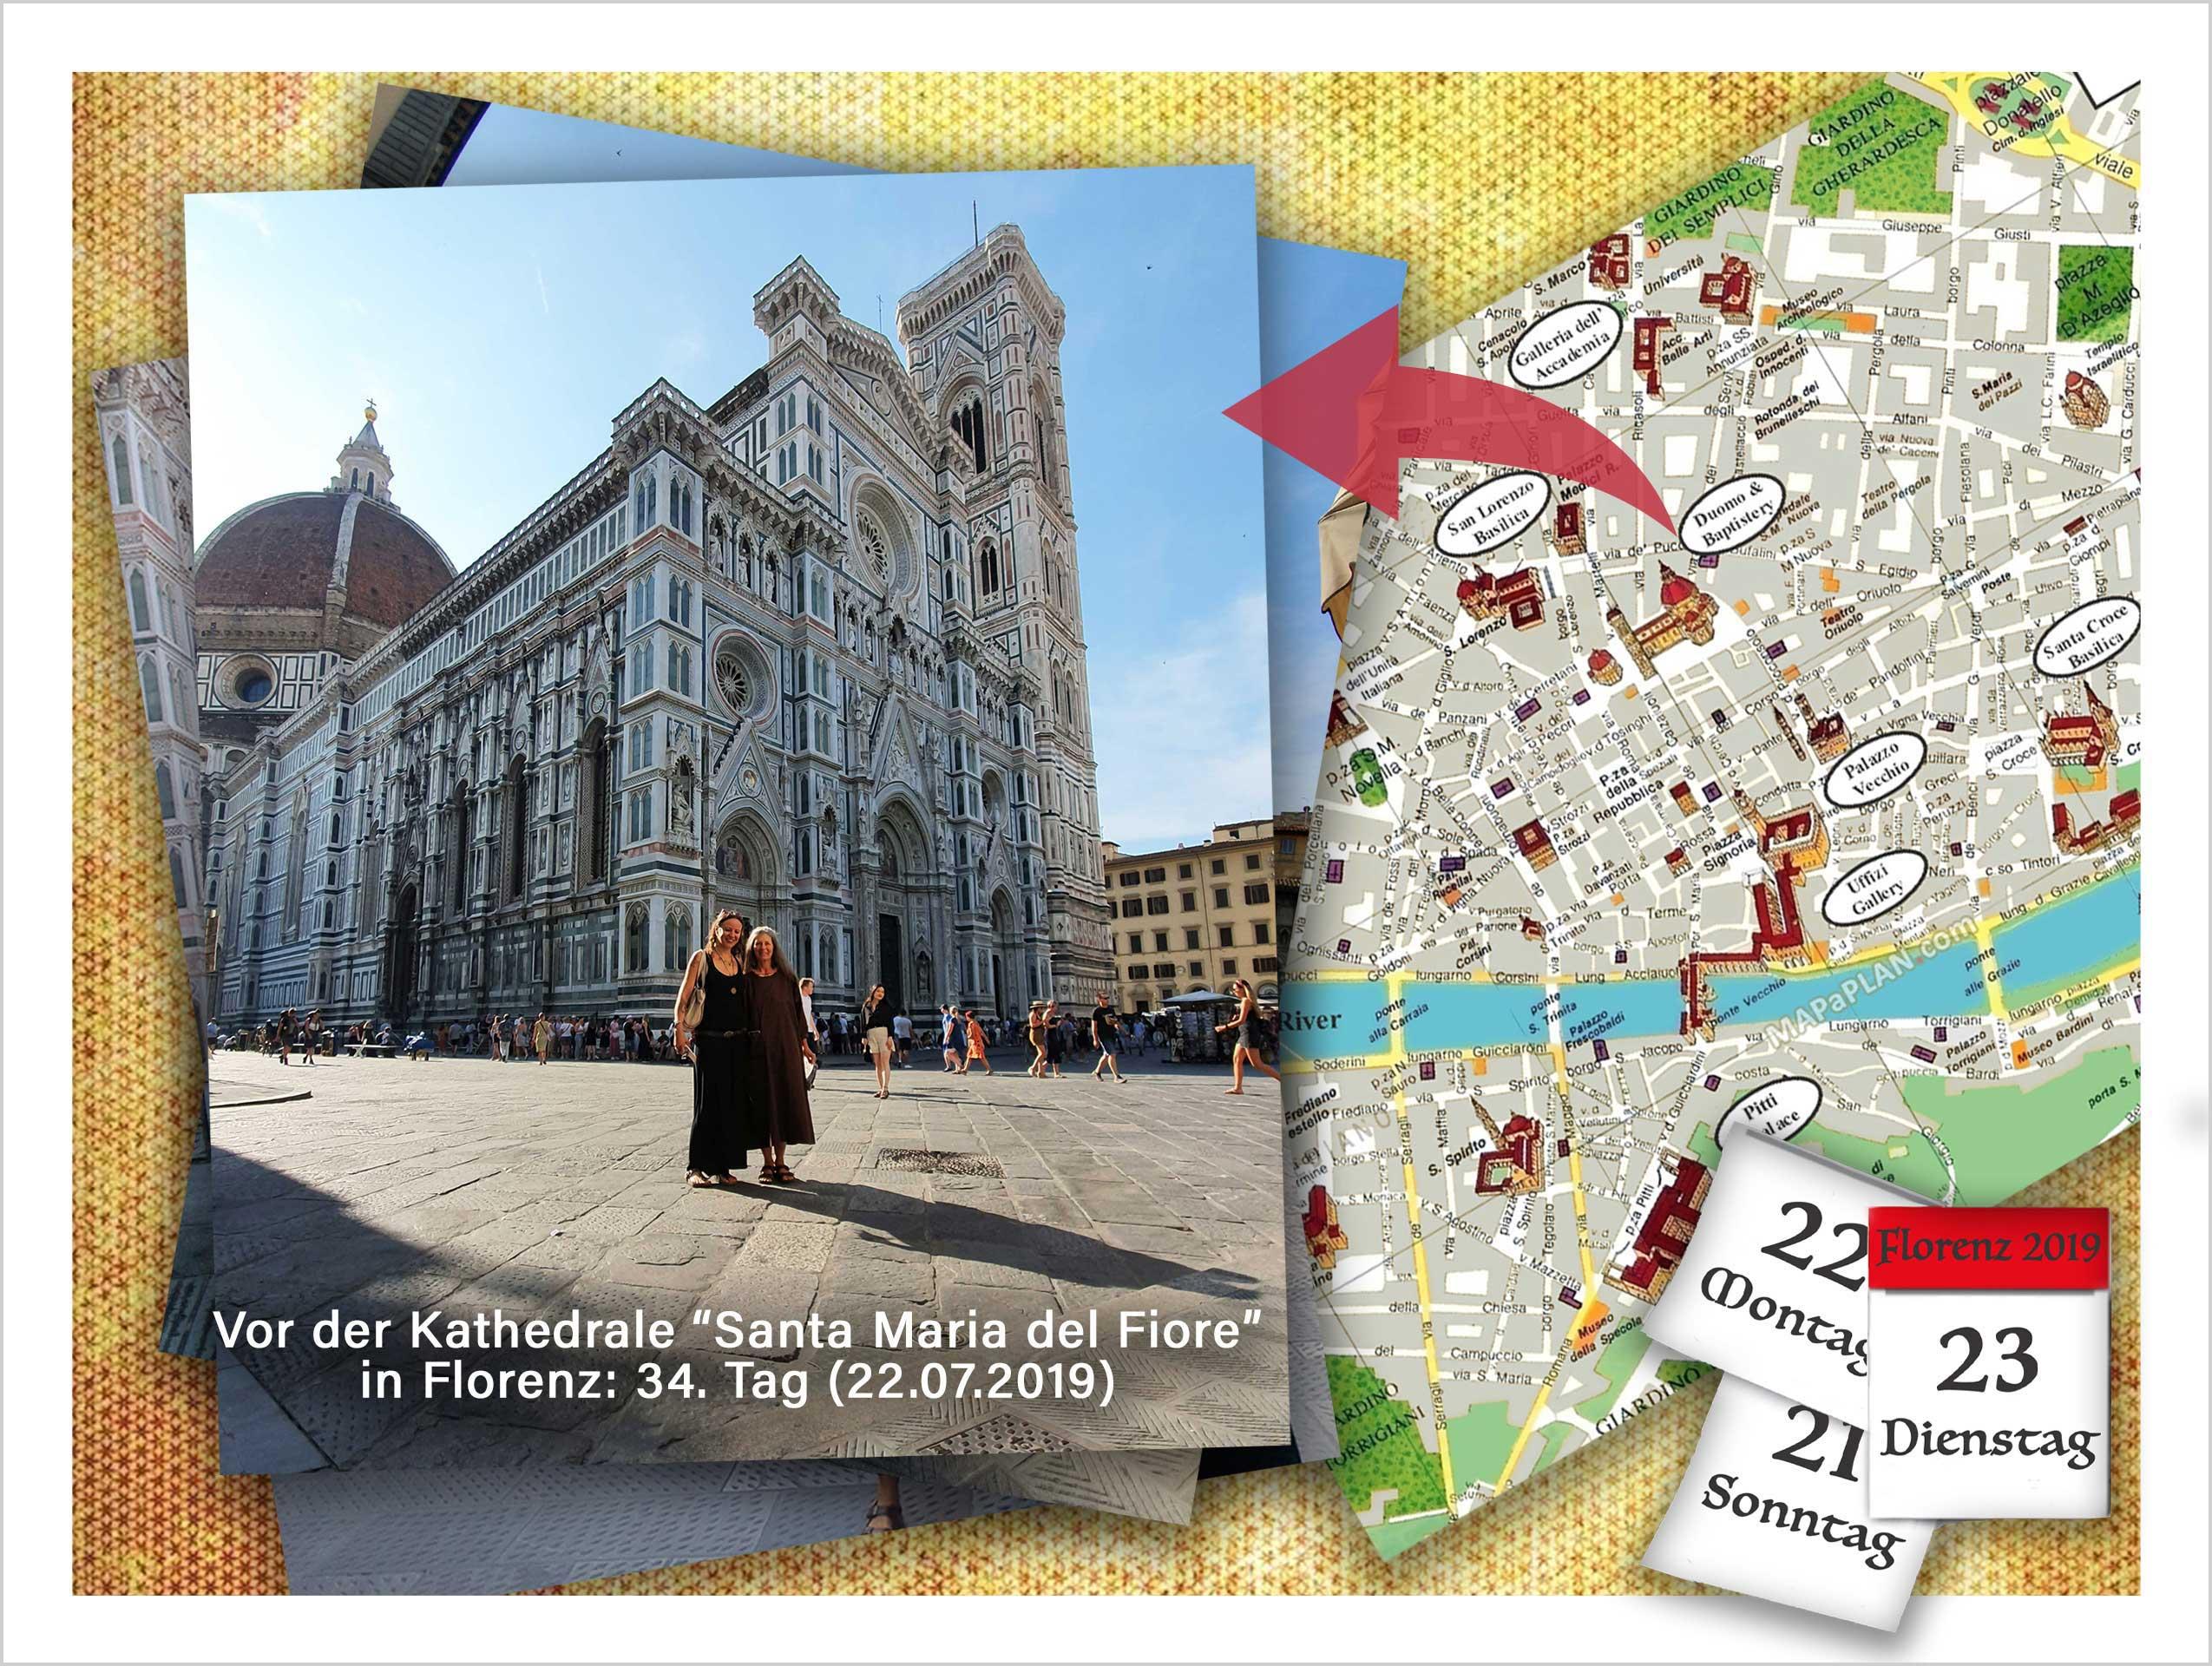 florenz-santa-maria-del-fiore-zweite-pilgerreise-zu-fuss-nach-rom